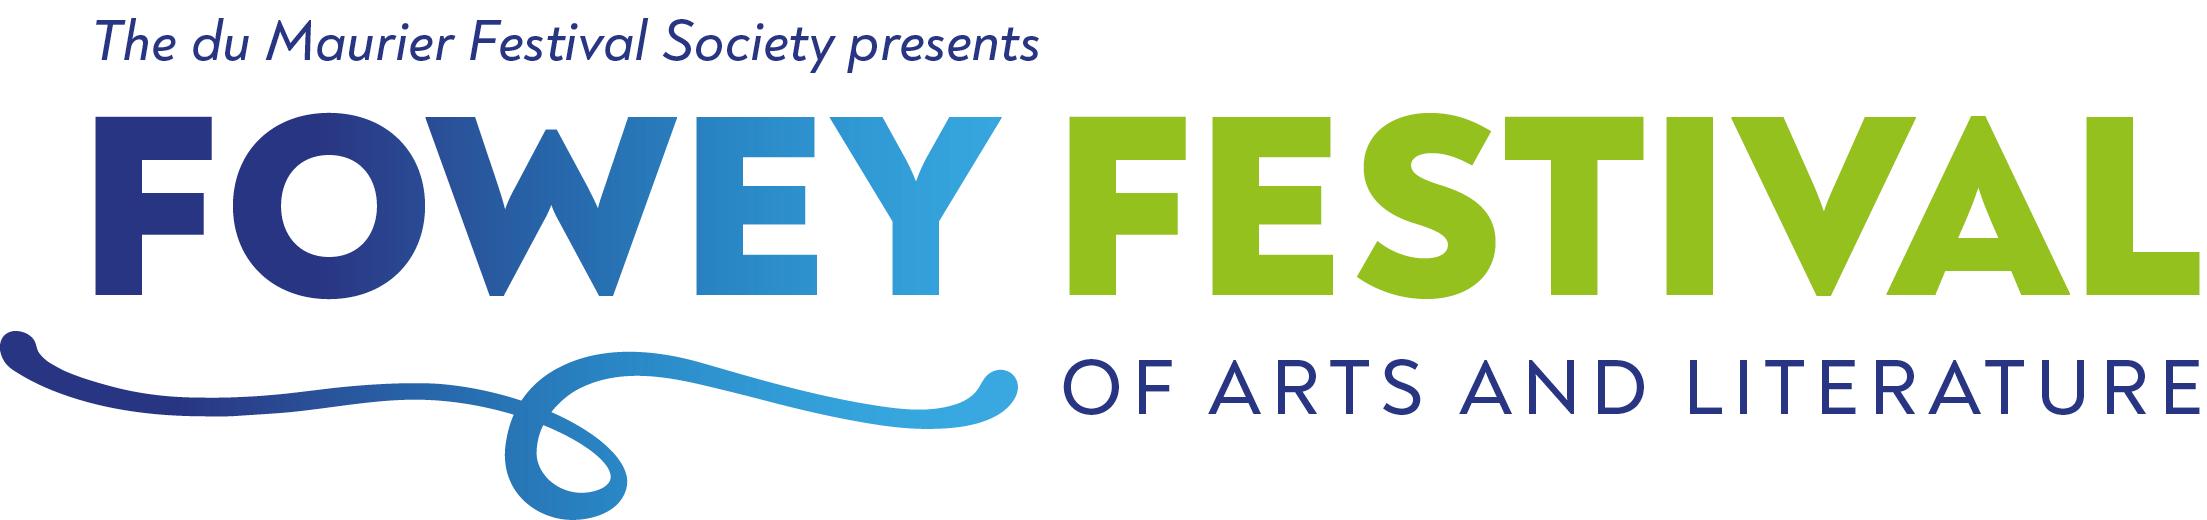 Fowey Festival